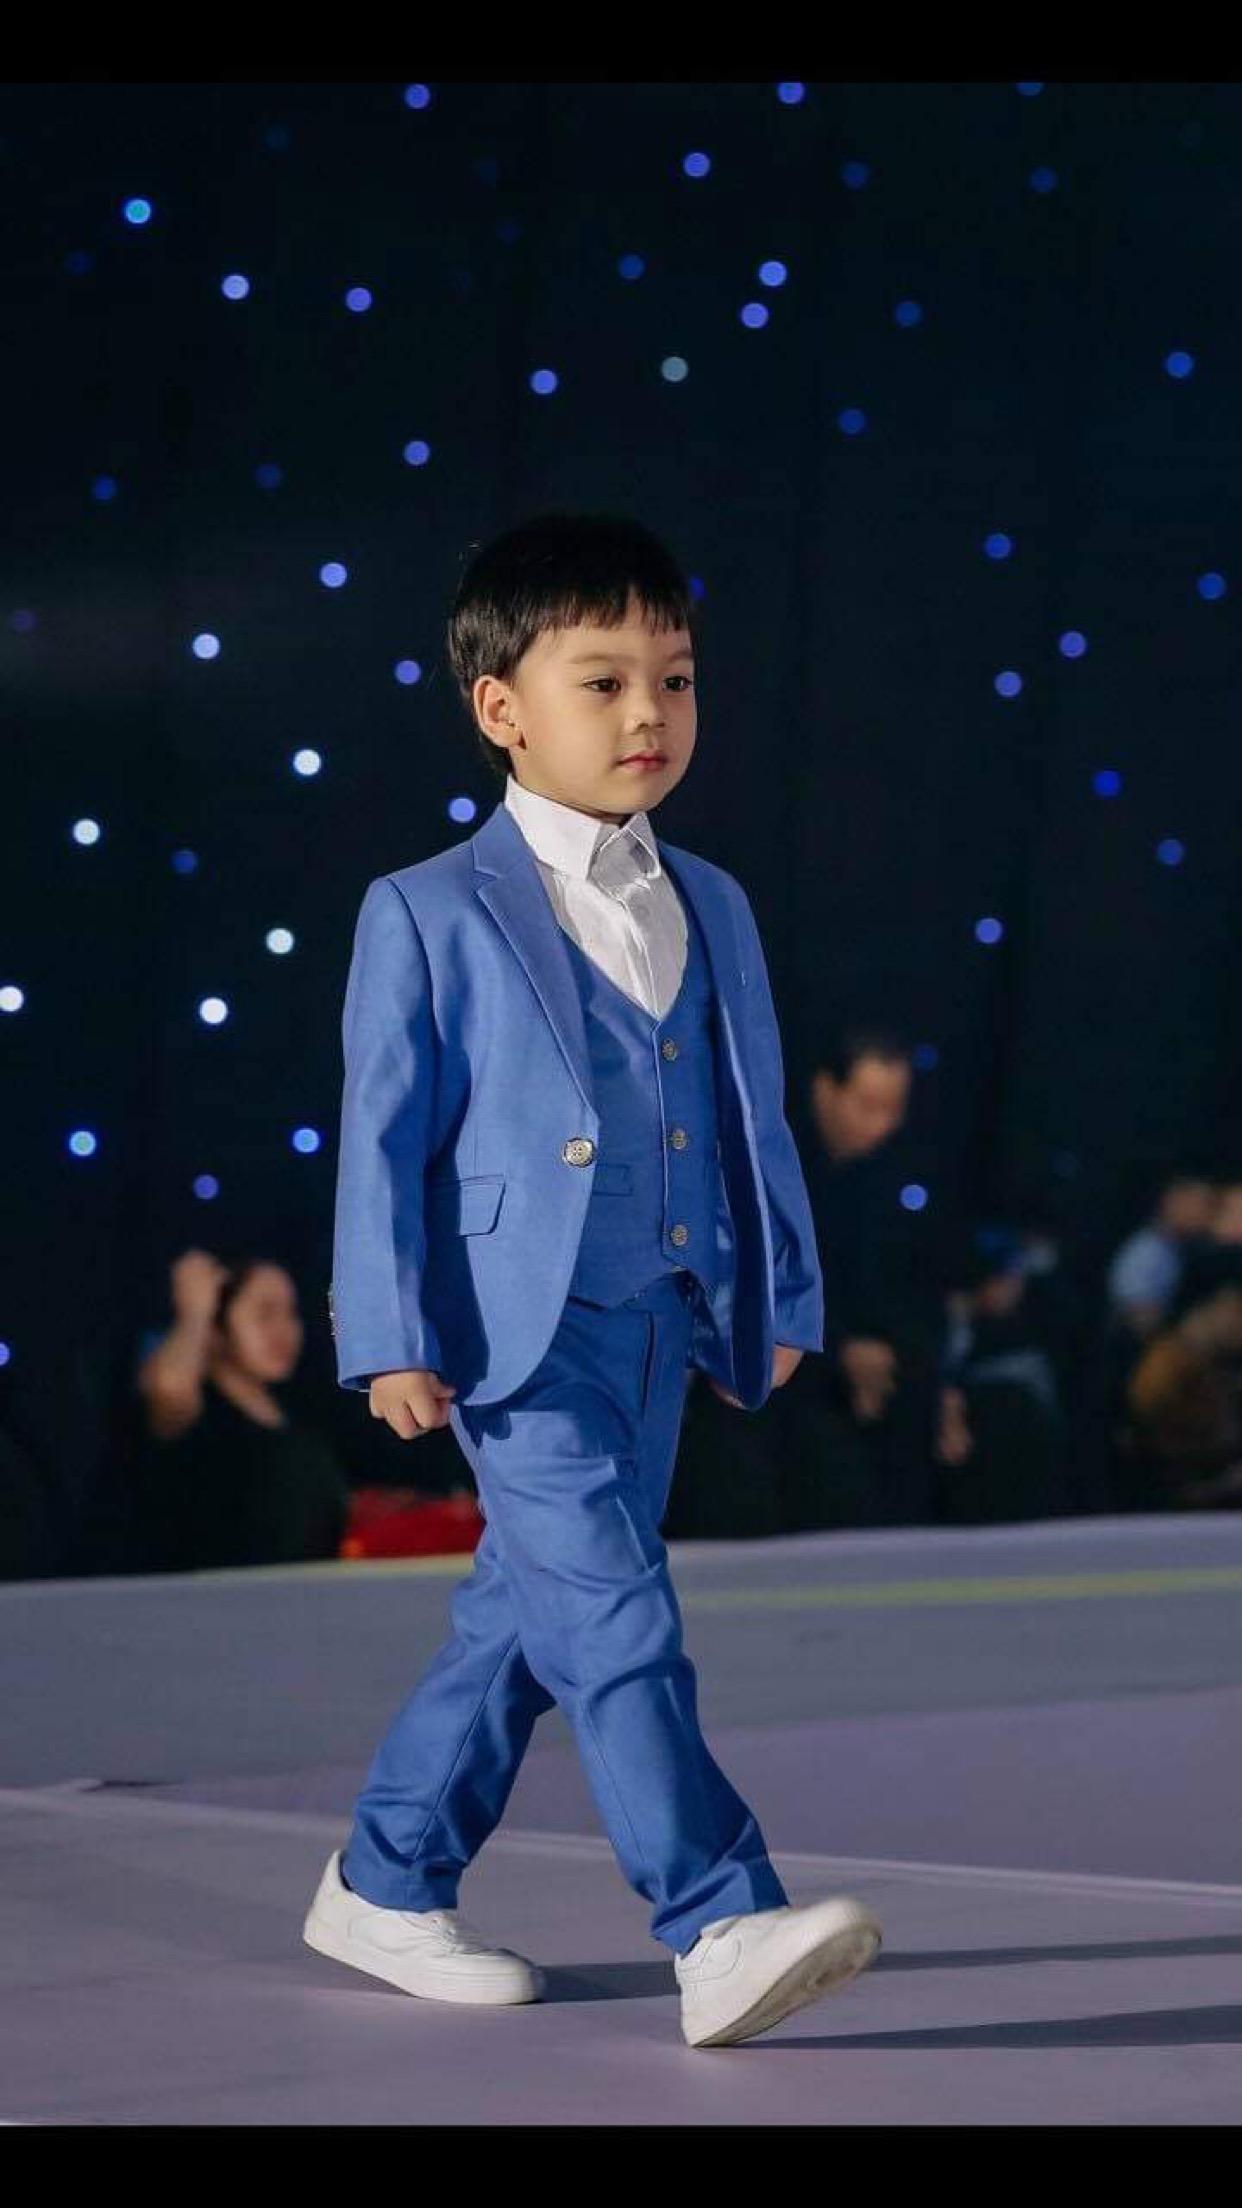 Những bạn nhỏ đáng yêu trong làng thời trang Việt - Ảnh 3.